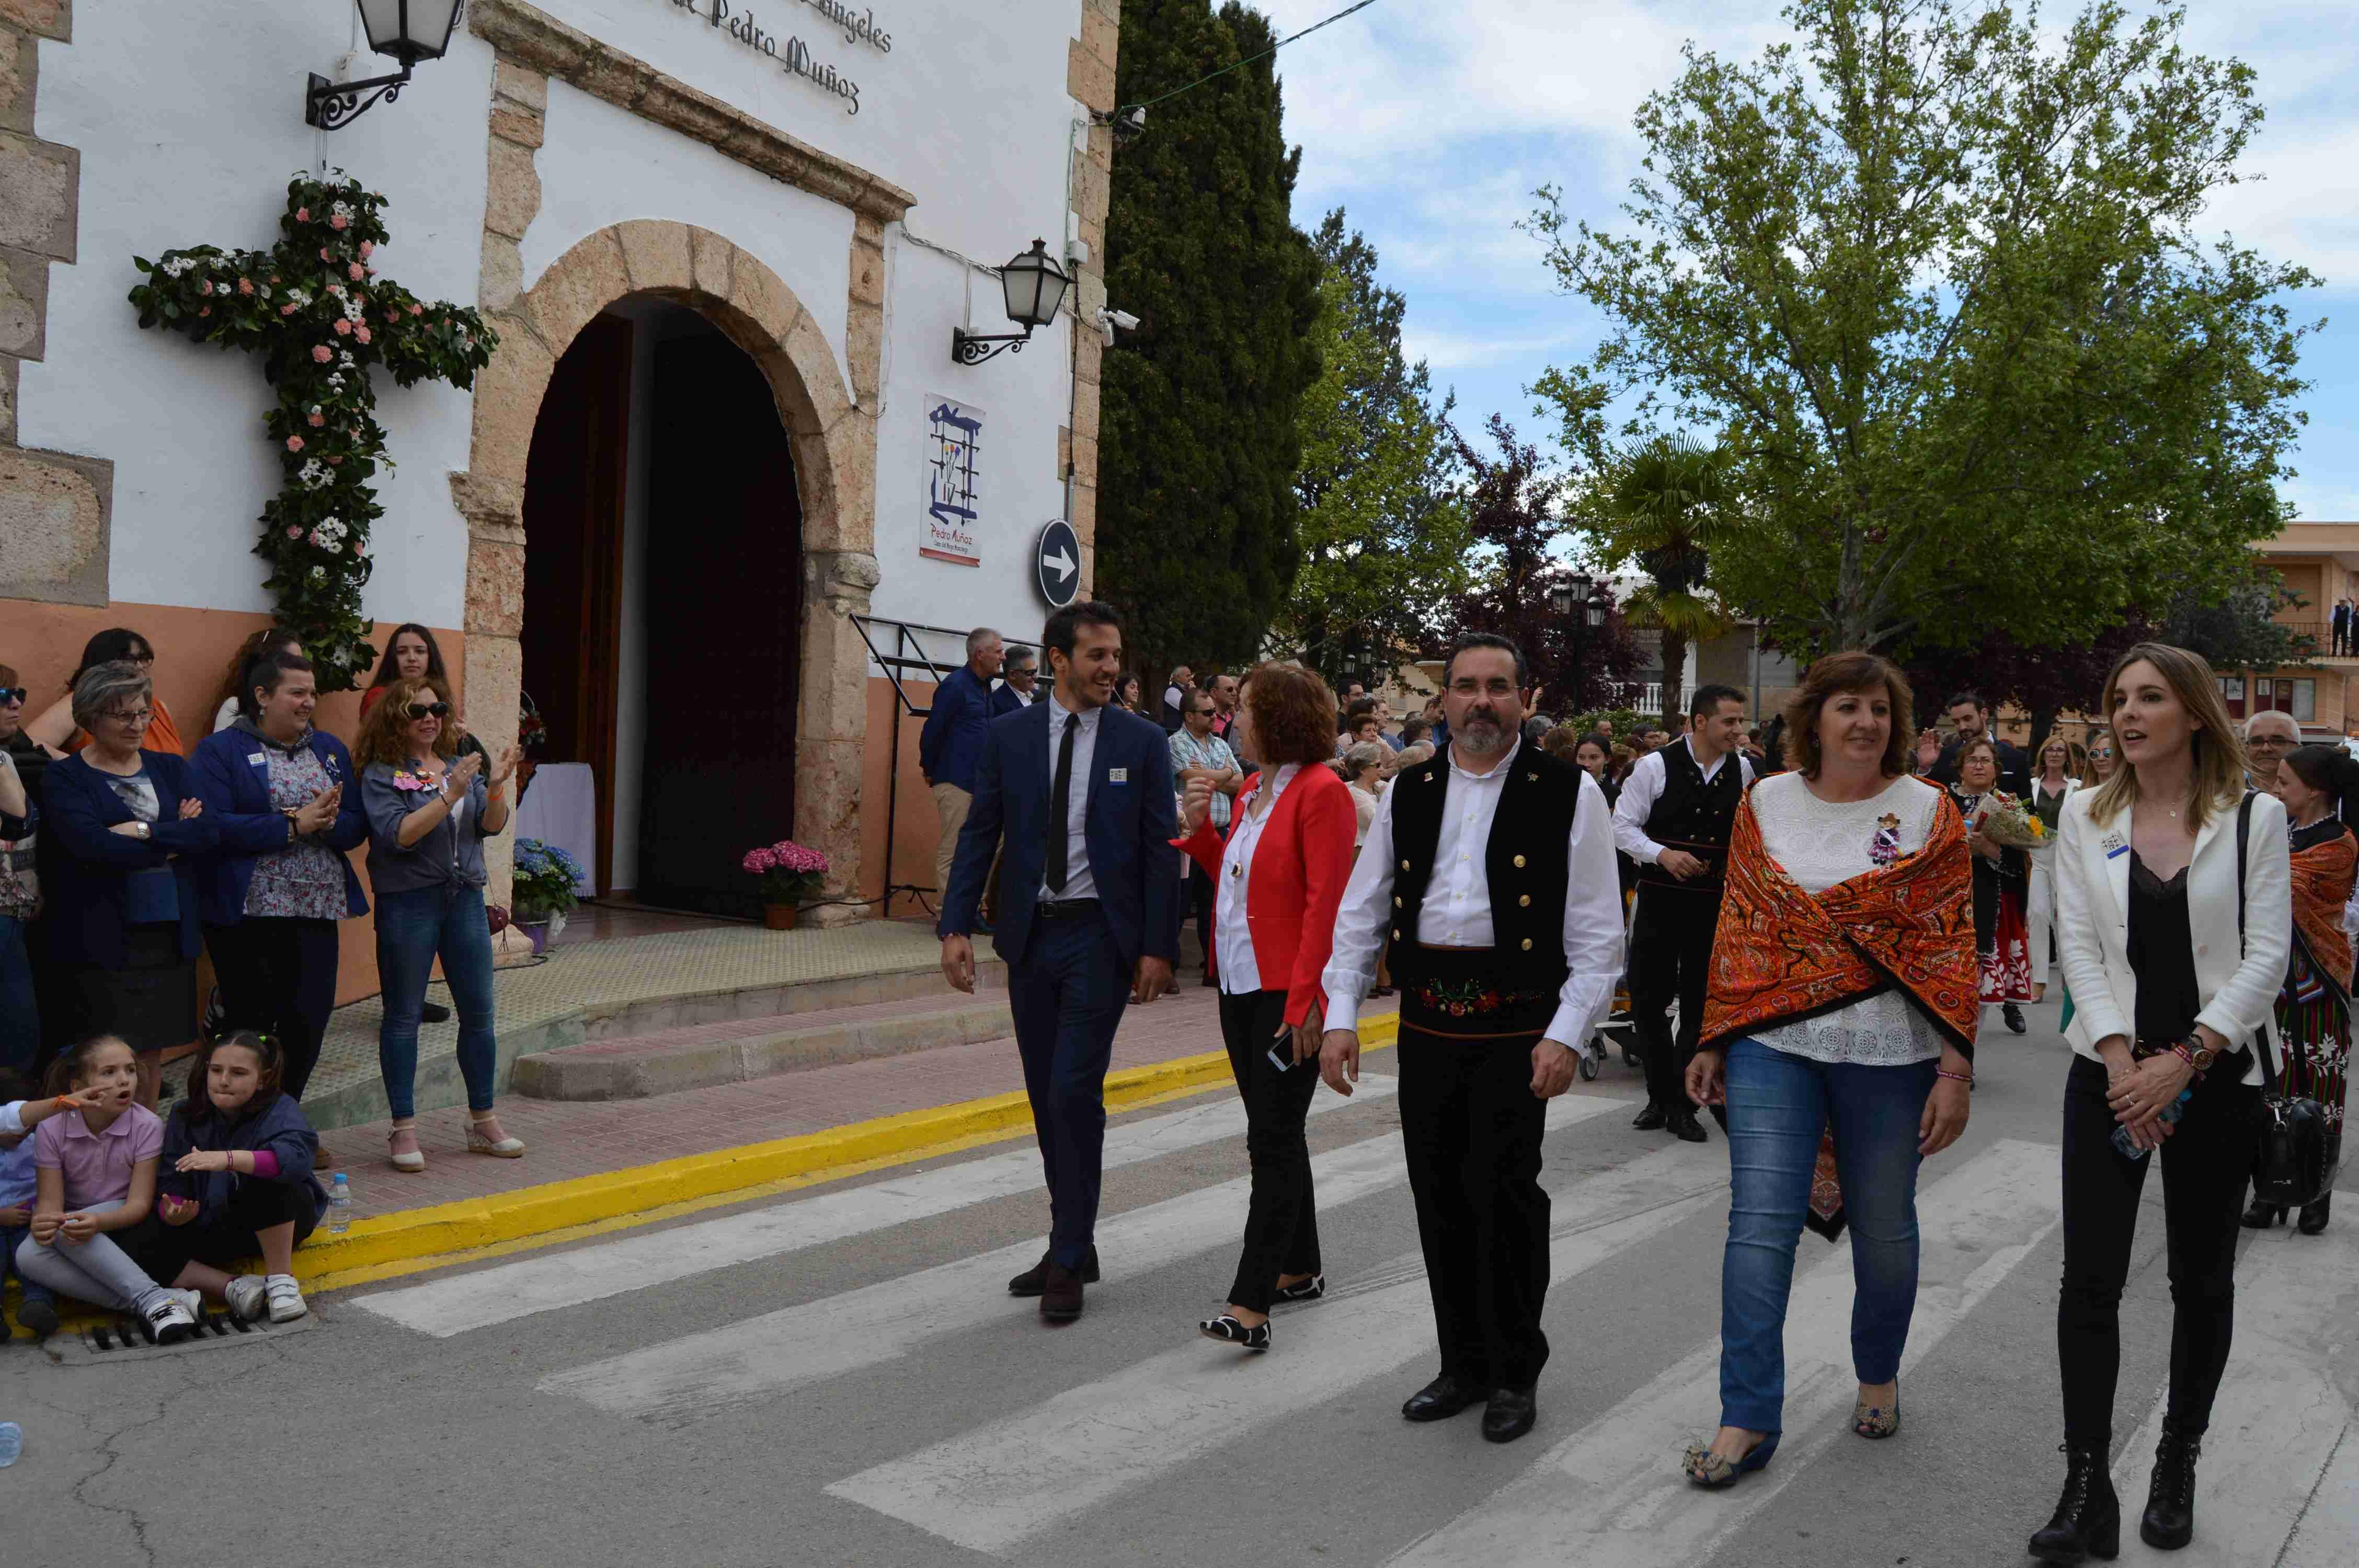 La consejera de Economía celebra la primera edición del Mayo Manchego de Pedro Muñoz con la declaración de Fiesta de Interés Turístico Nacional 1